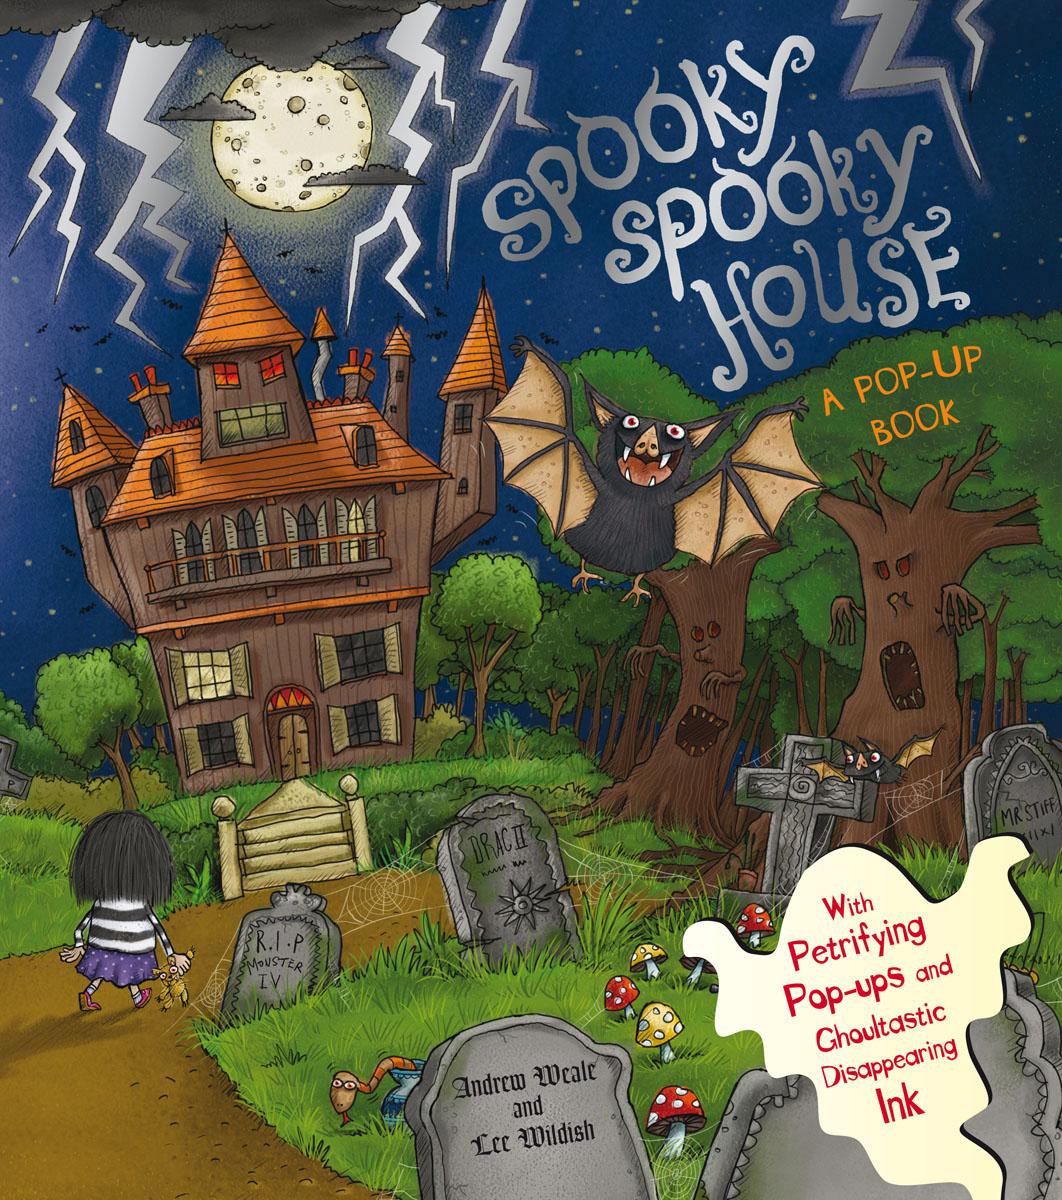 The Spooky Spooky House spooky